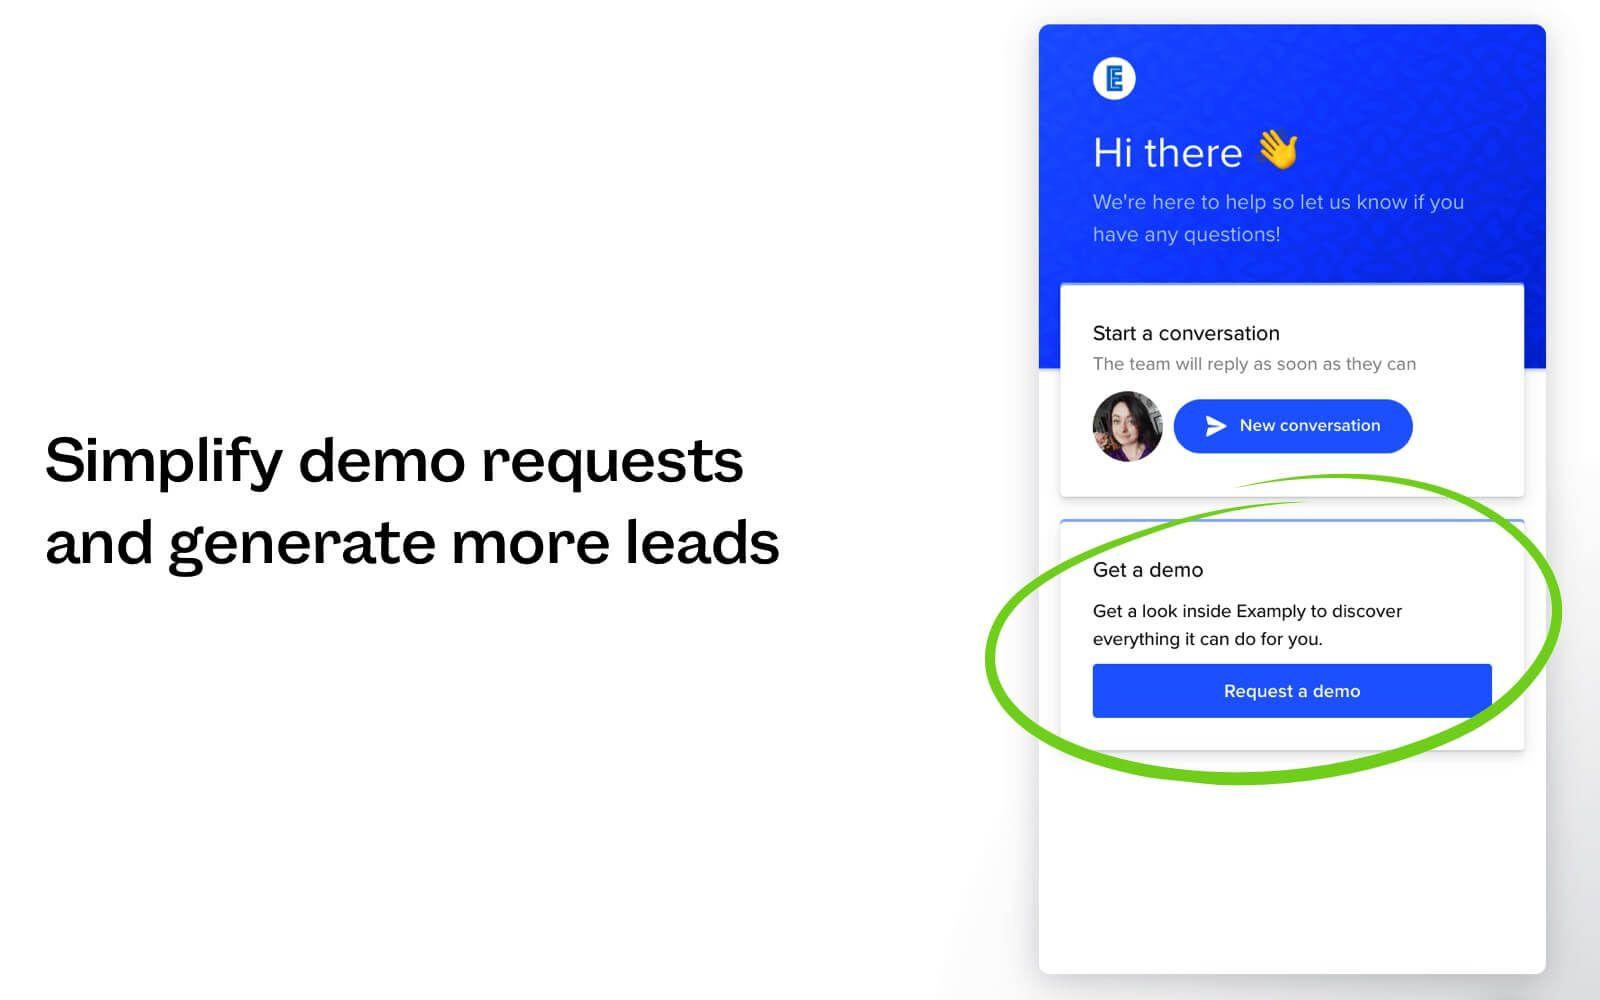 Get a Demo app for Intercom